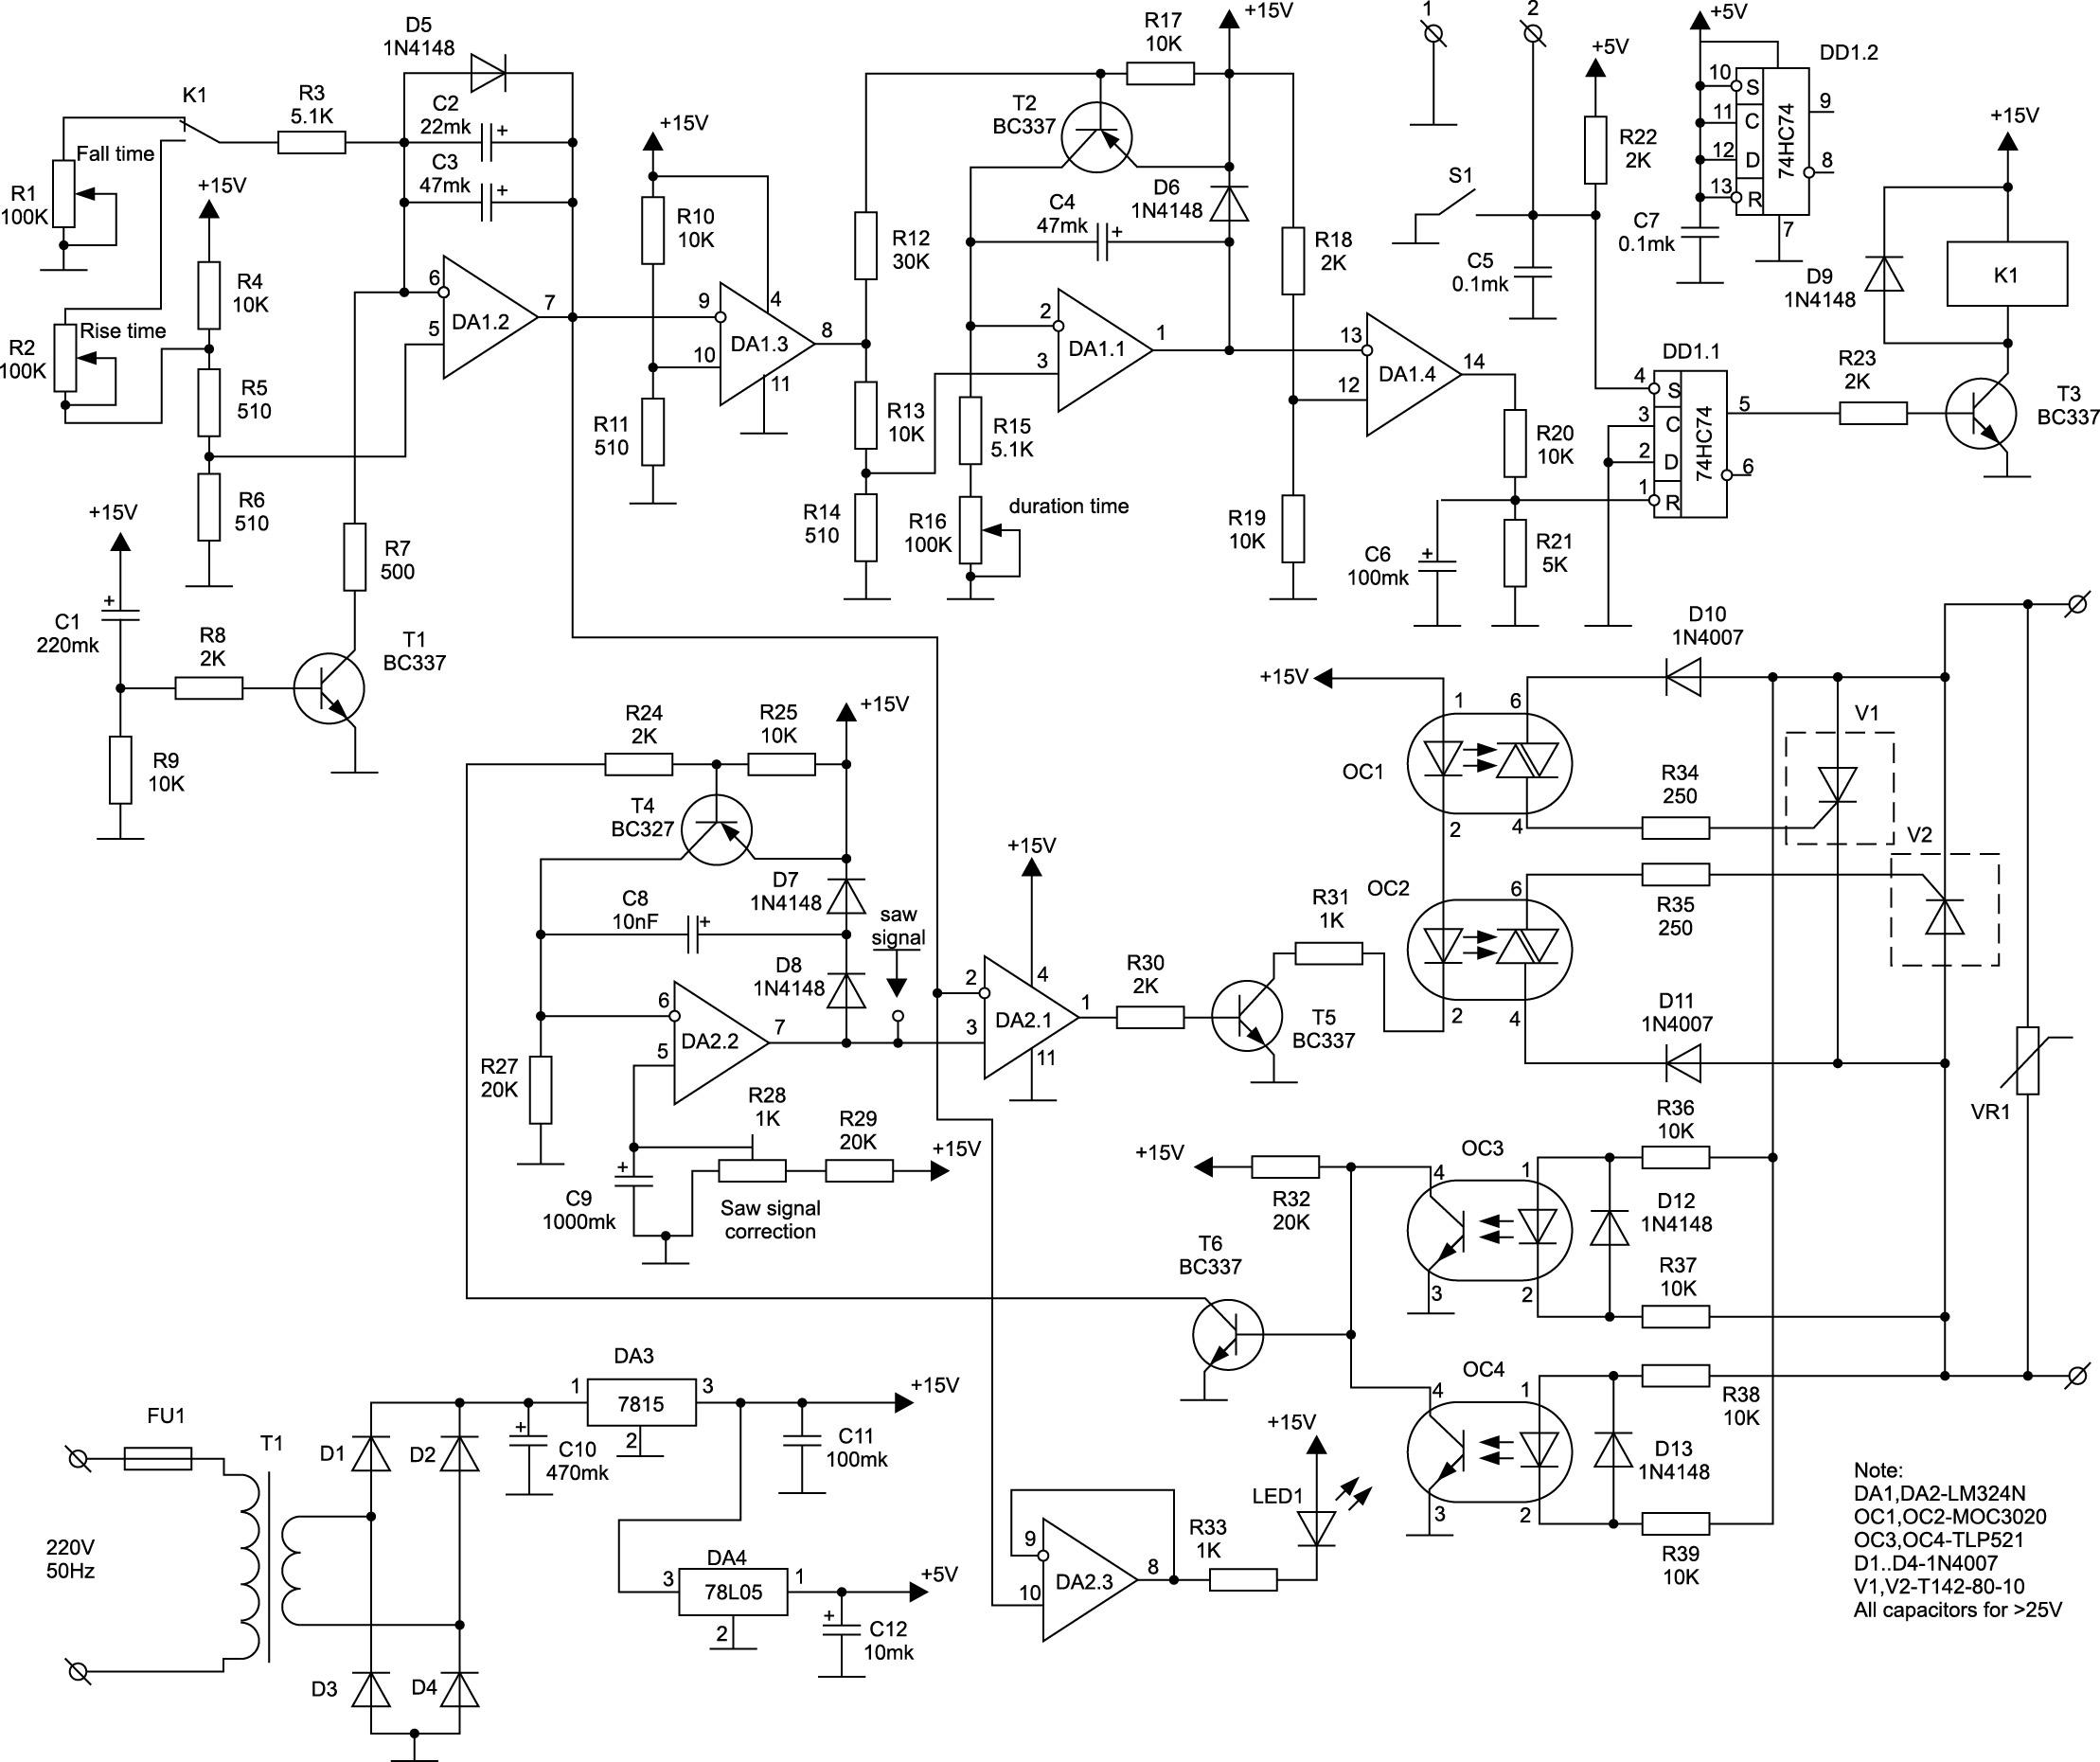 Принципиальная электрическая схема тиристорного преобразователя РМ-установки